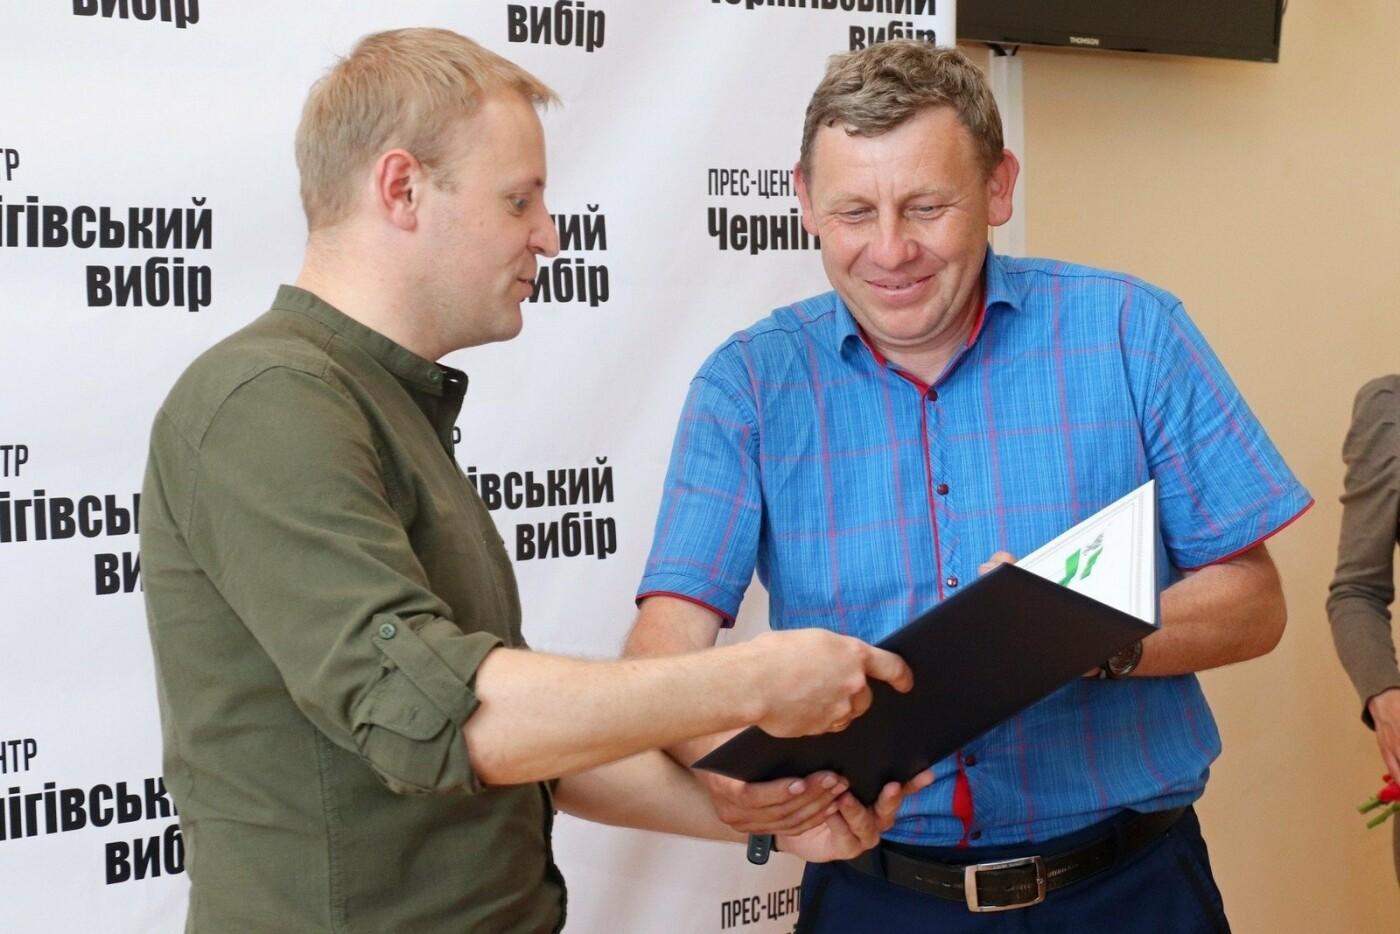 У Чернігові нагородили переможців журналістського конкурсу «МедіаЧе»-2020, фото-6